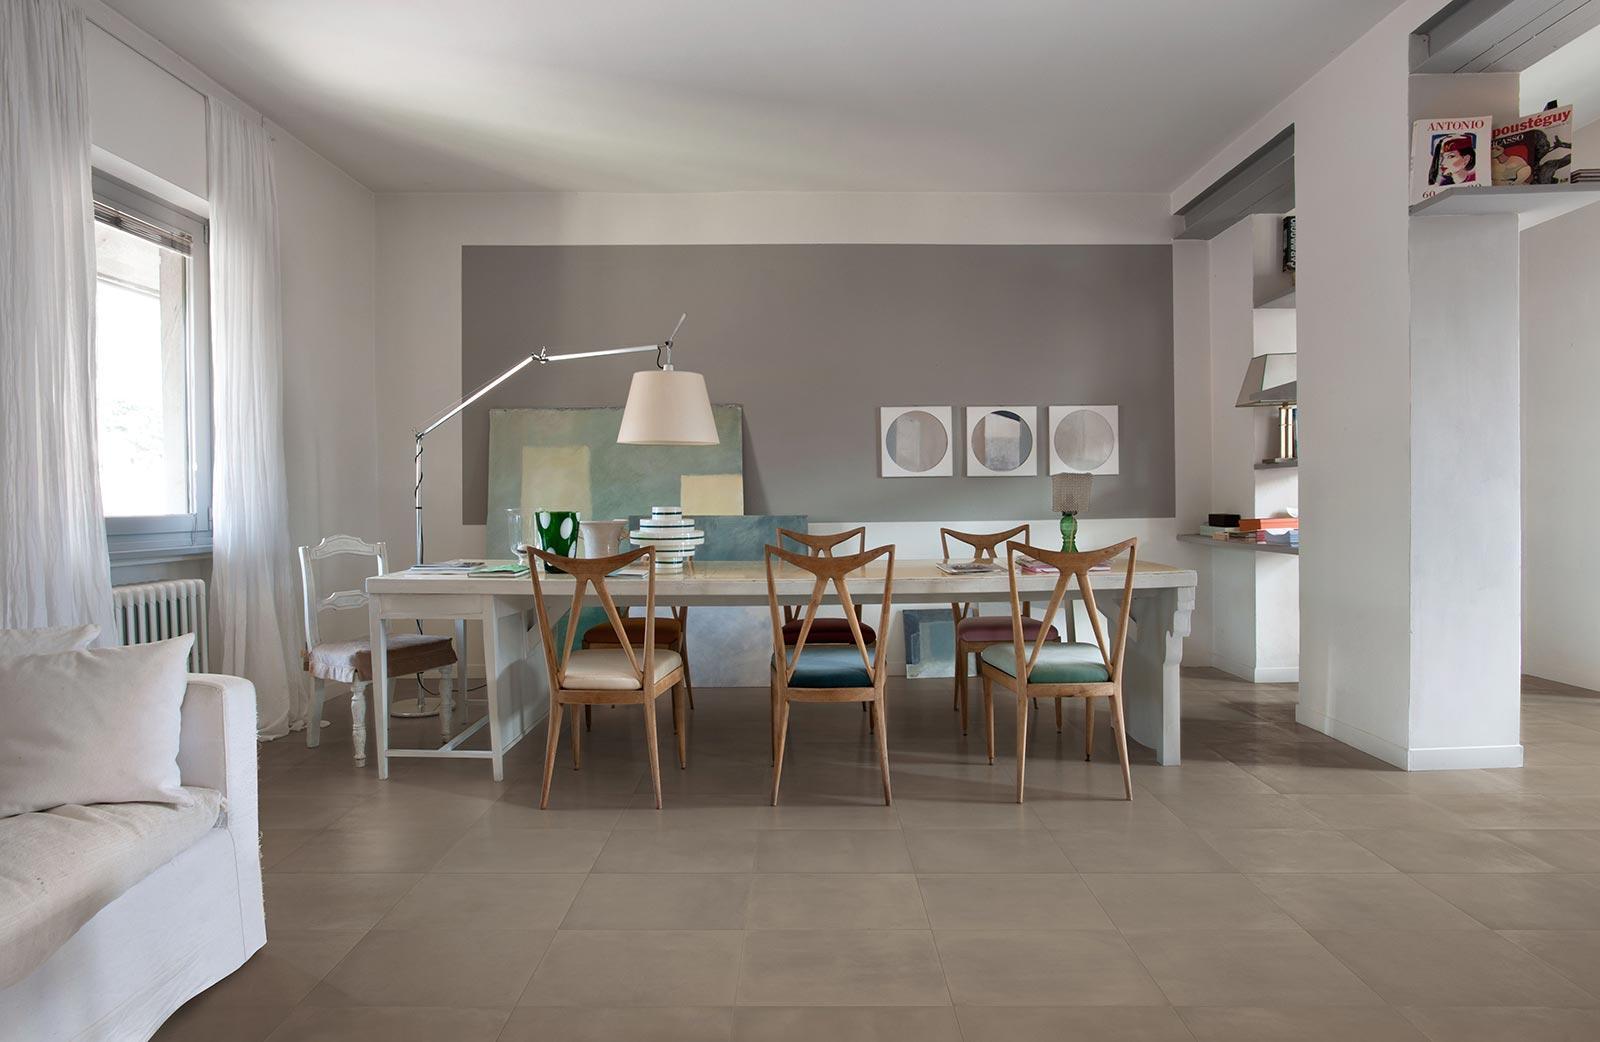 Poudre concrete effect porcelain floor tiles marazzi poudre concrete effect living room dailygadgetfo Image collections